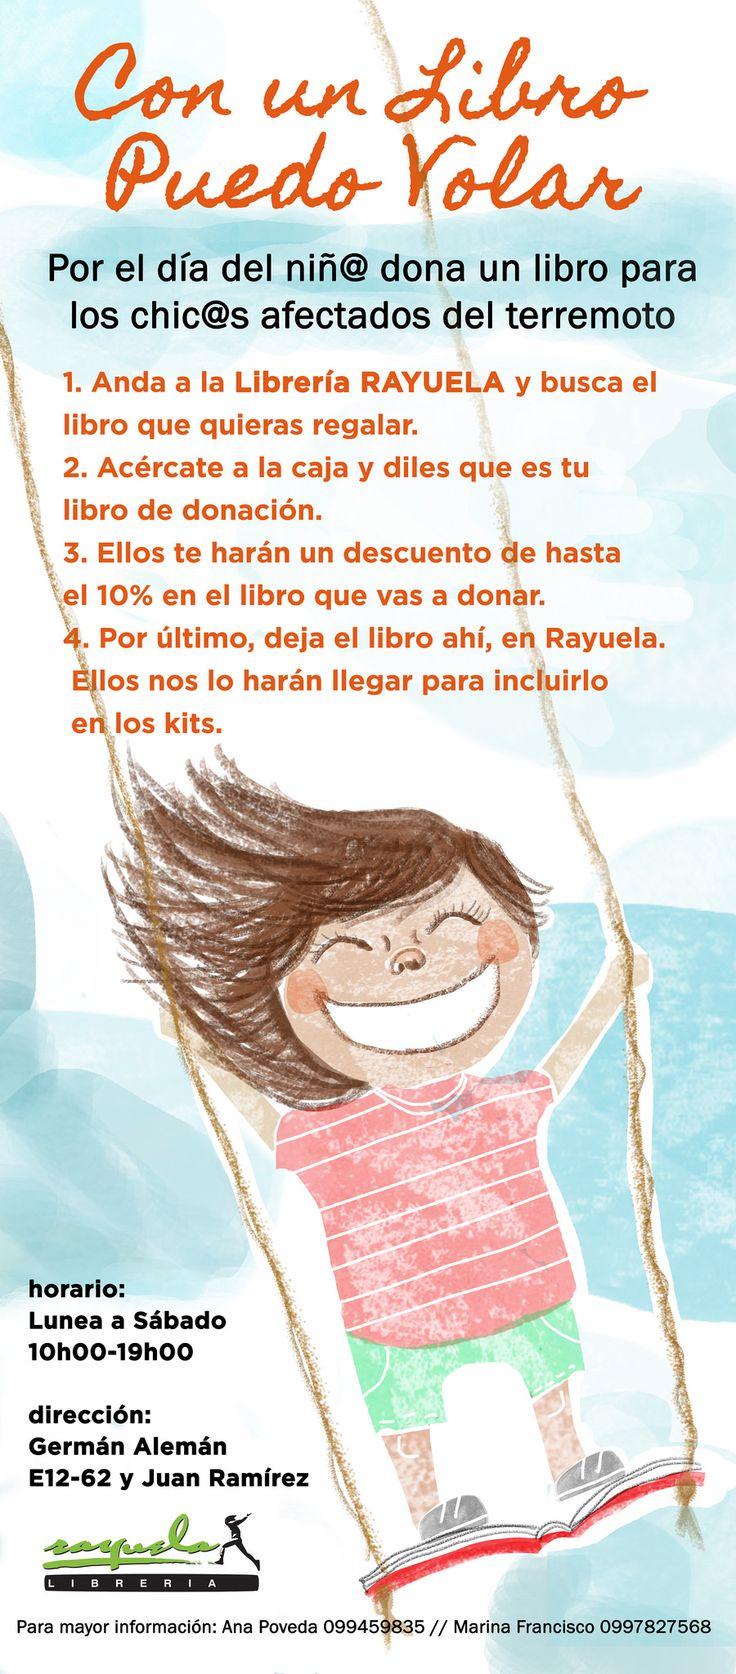 https://flic.kr/p/Hmayrj | Afiche- Con un Libro puedo Volar | afiche para donación de libros  para niños afectados por el terremoto de Ecuador 2016//  poster made to promote book donations for kids afected on Ecuador's earthquate 2016 25may/2016